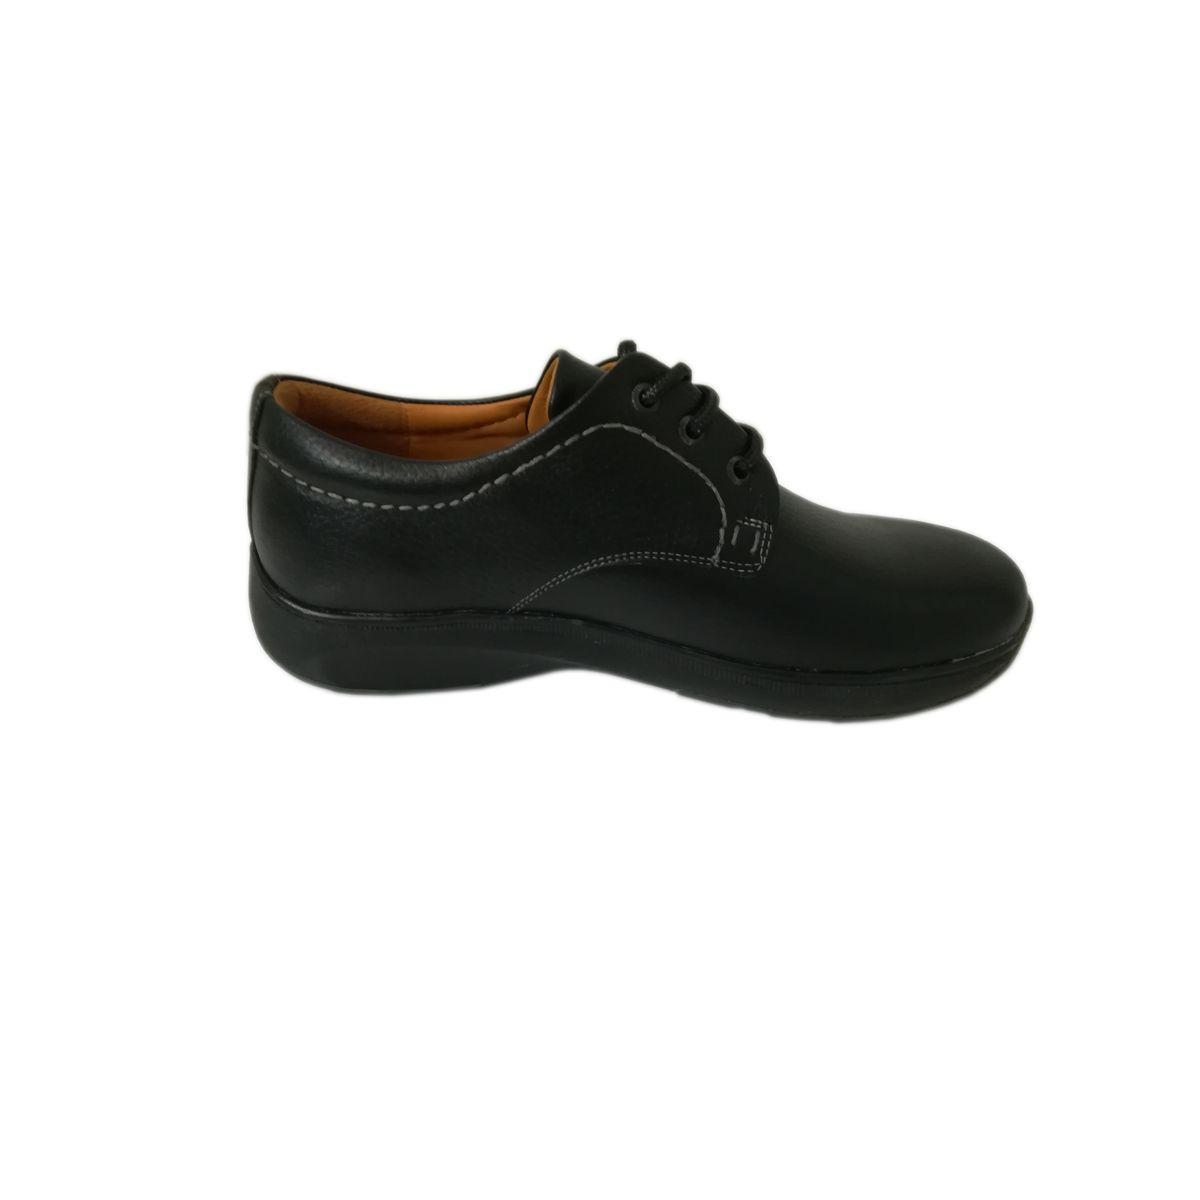 کفش روزمره مردانه کد 2511 -  - 2